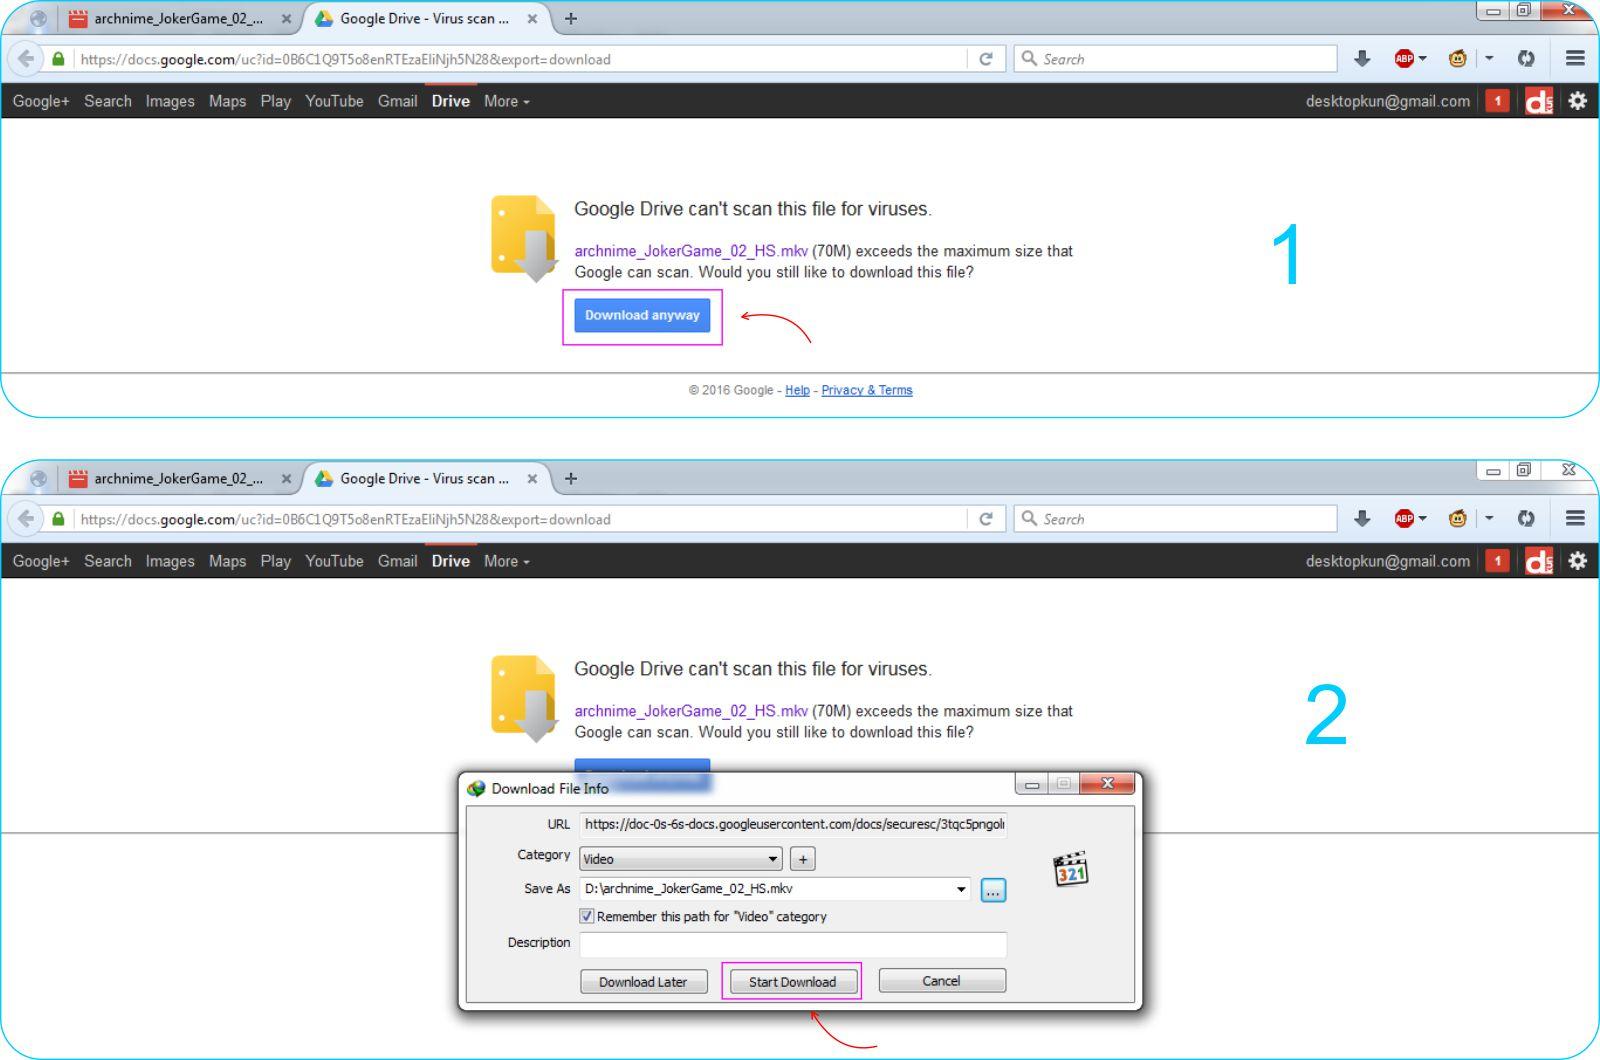 Cara Download File Dari Google Drive - Halaman Download File Pada Google Drive